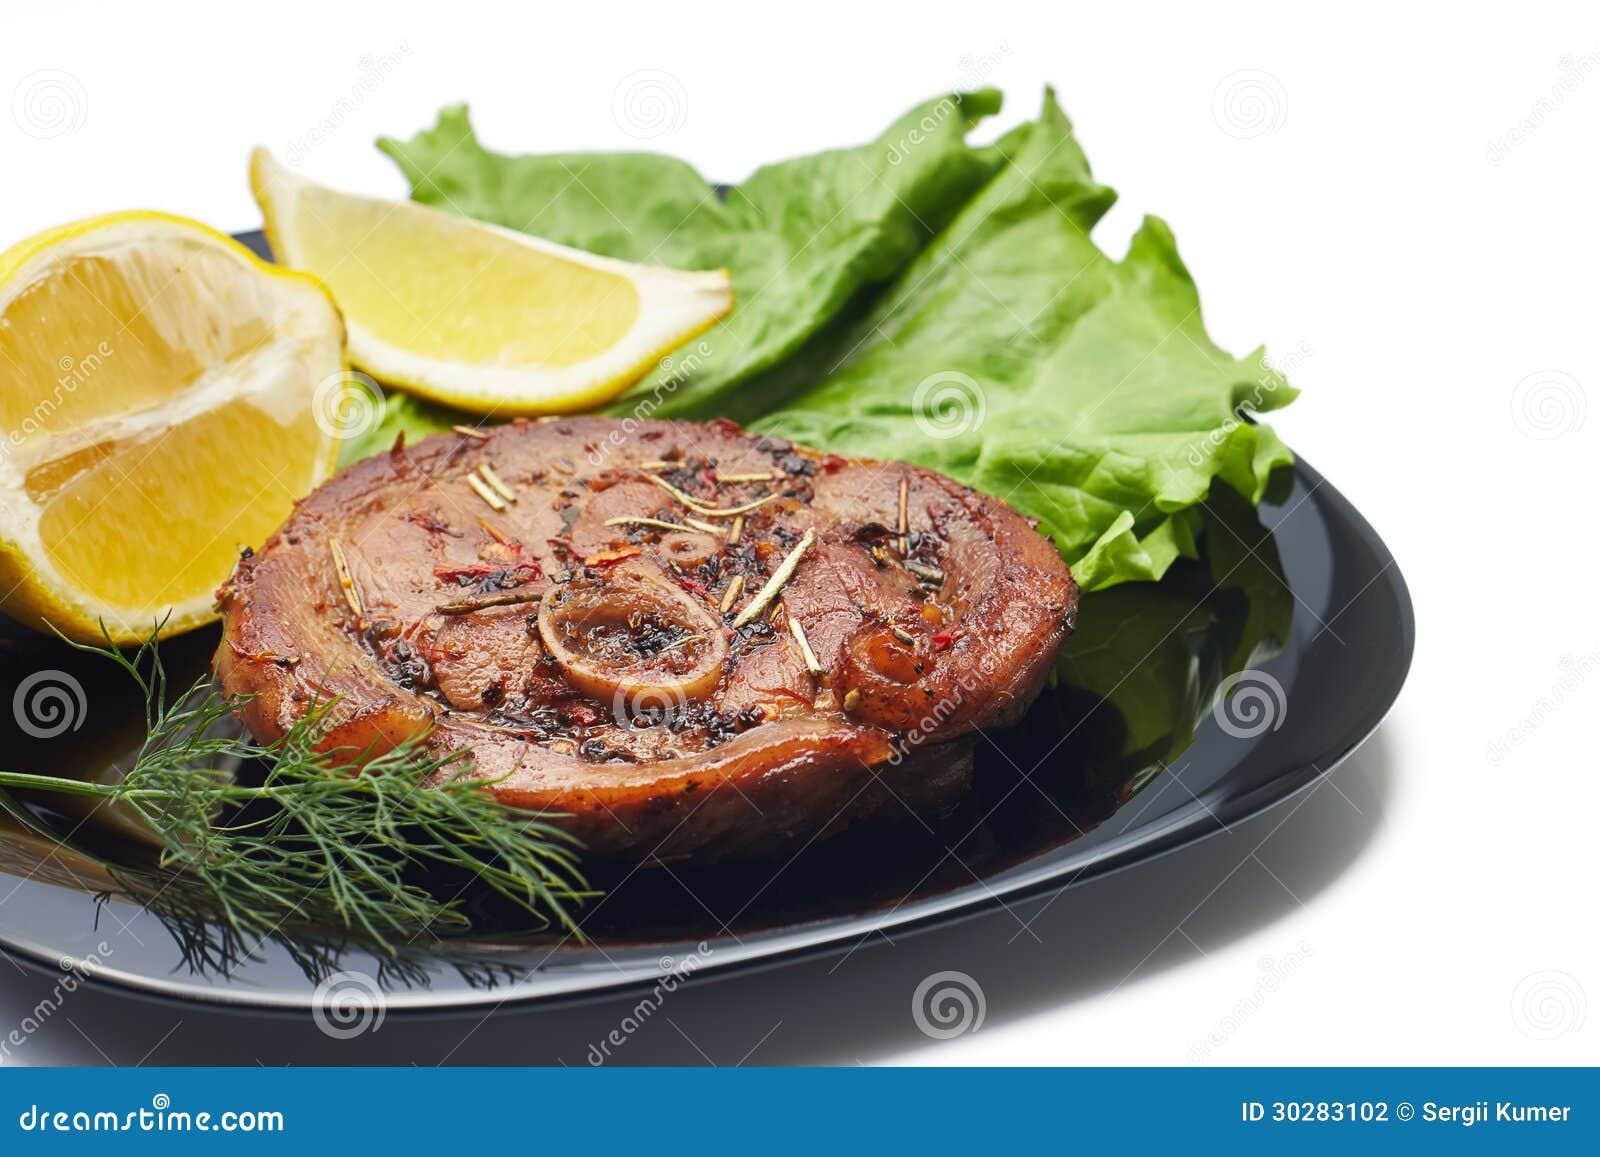 烤牛排用沙拉和柠檬